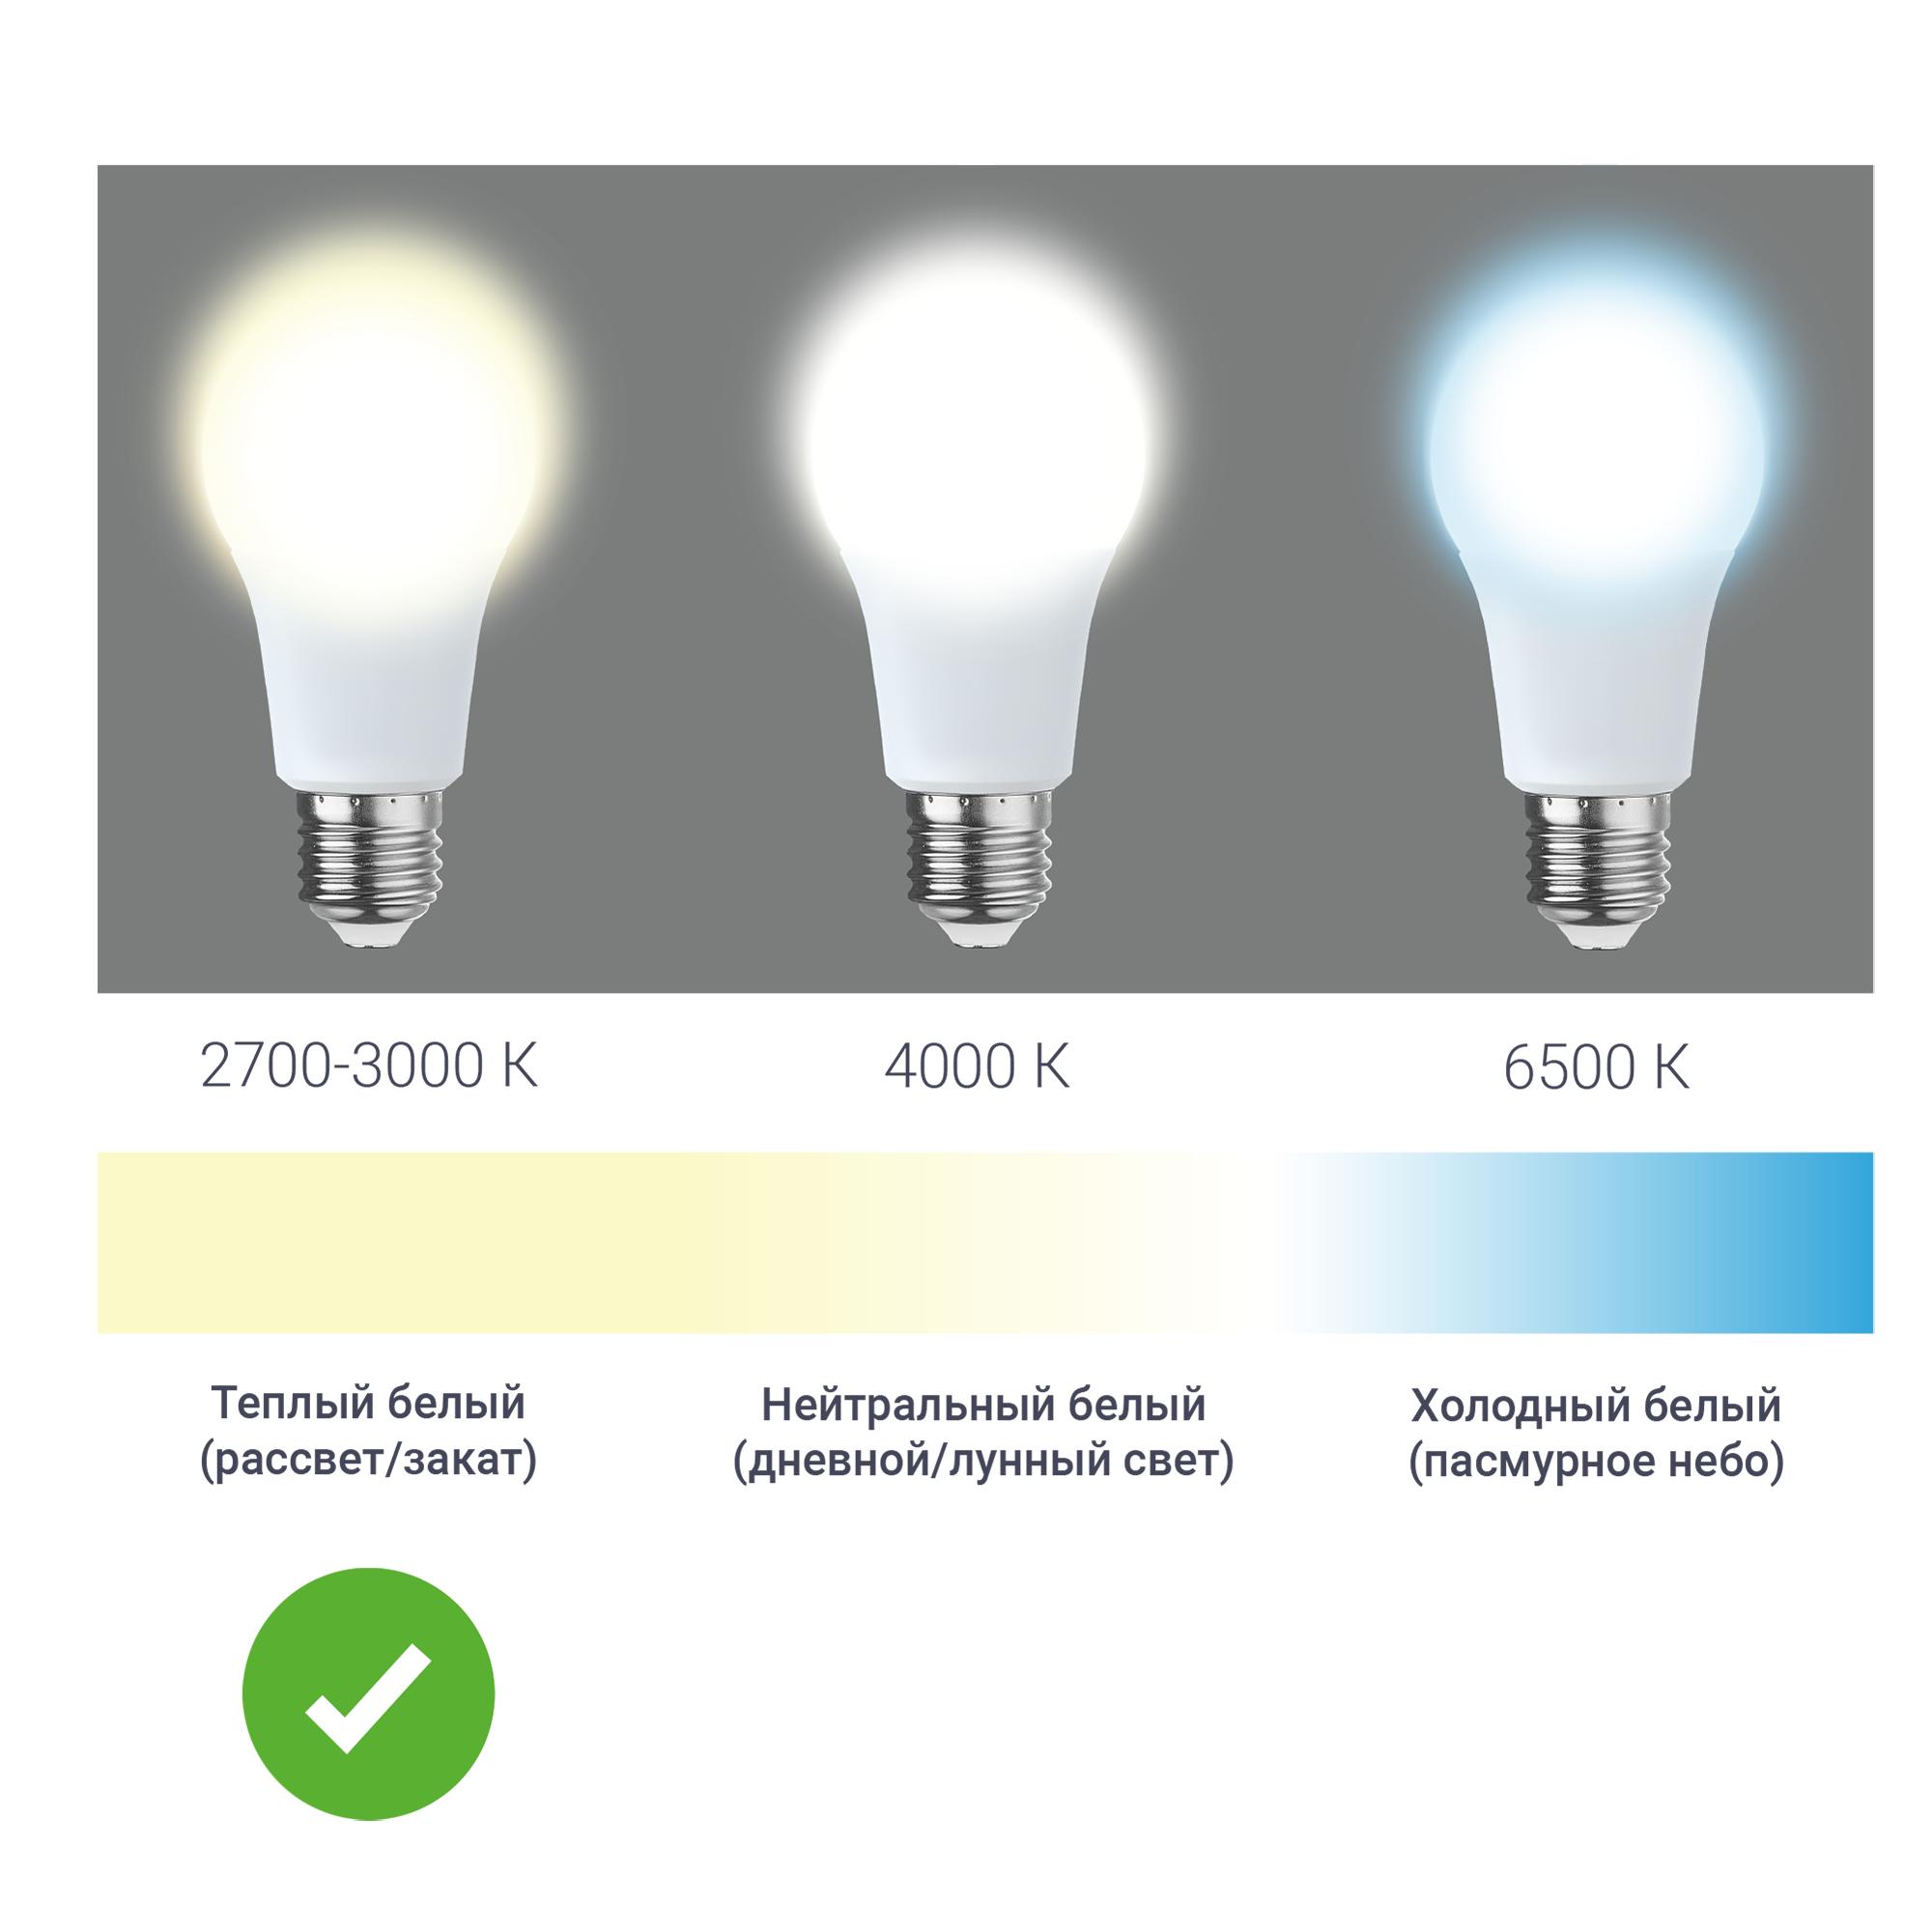 Лампа светодиодная Gauss Basic E27 220 В 7.5 Вт шар 670 лм тёплый белый свет